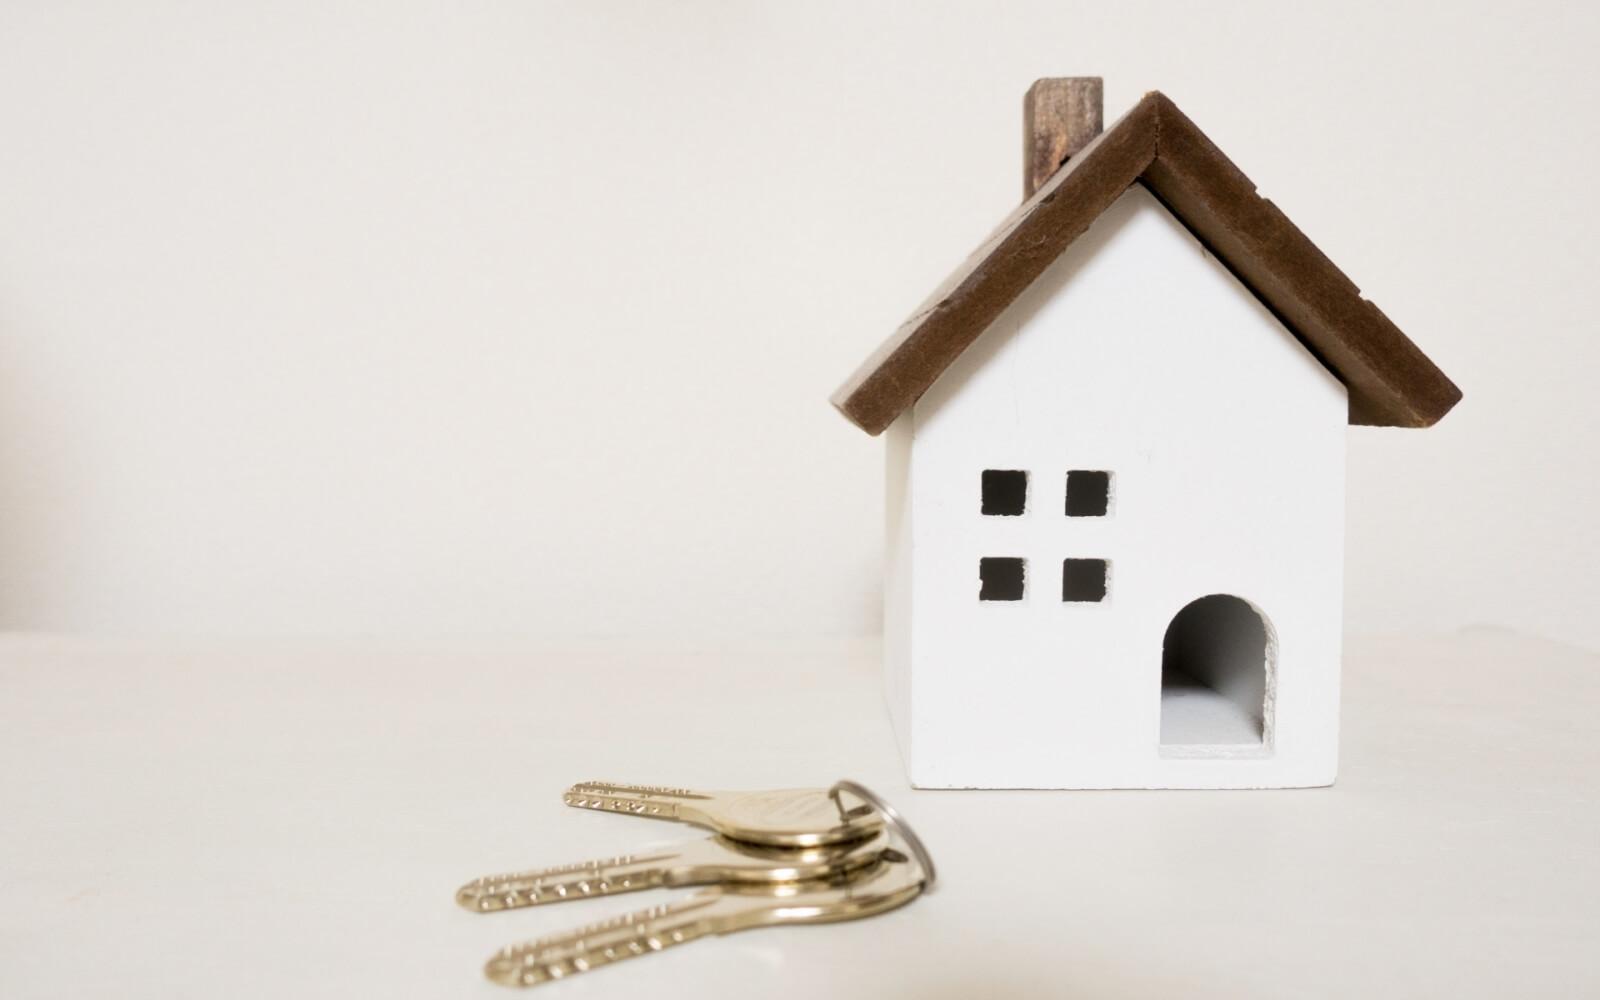 賃貸住宅の鍵交換費用は入居者負担が当たり前!?